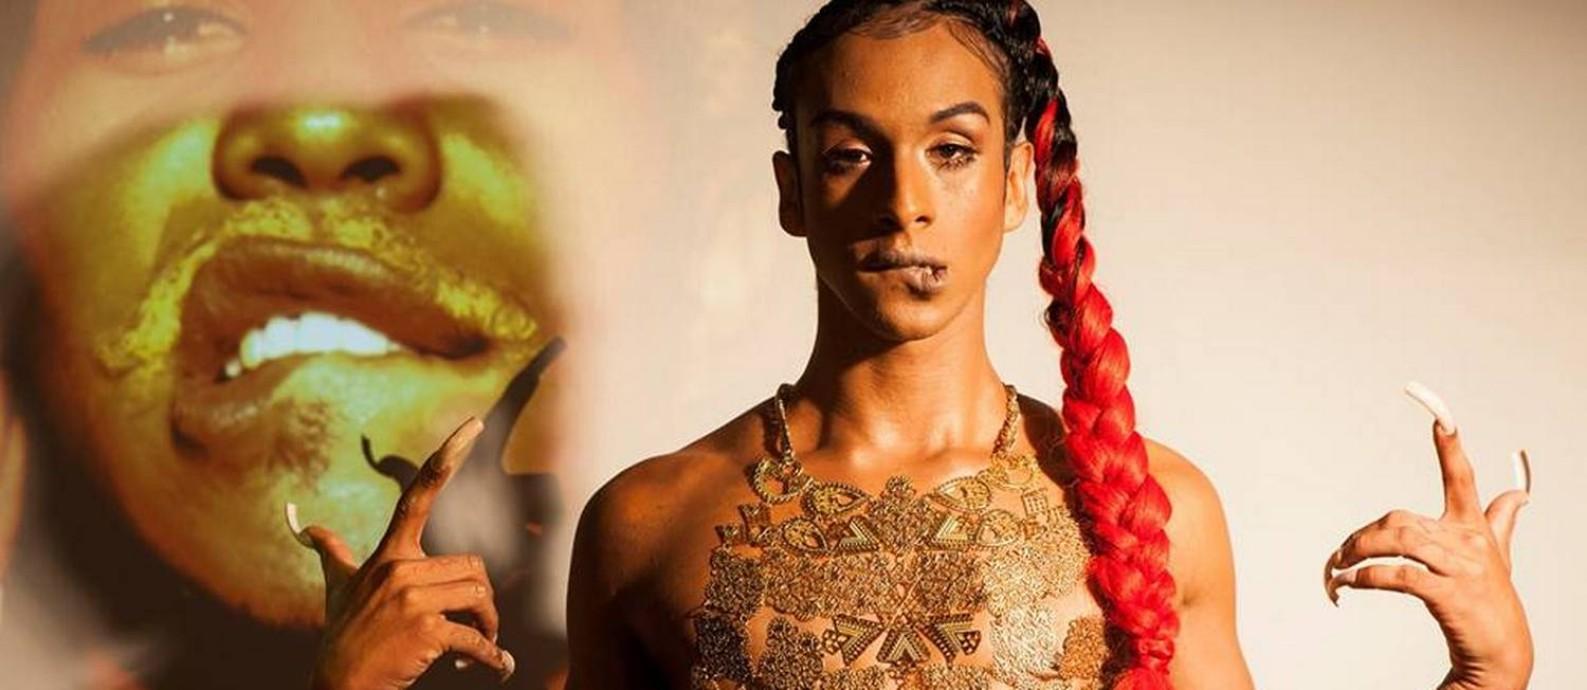 O primeiro disco de Linn chama-se 'Pajubá', uma referência a um tipo de dialeto com expressões oriundas docandomblé, e também utilizado no meio LGBT para garantir proteção Foto: Divulgação